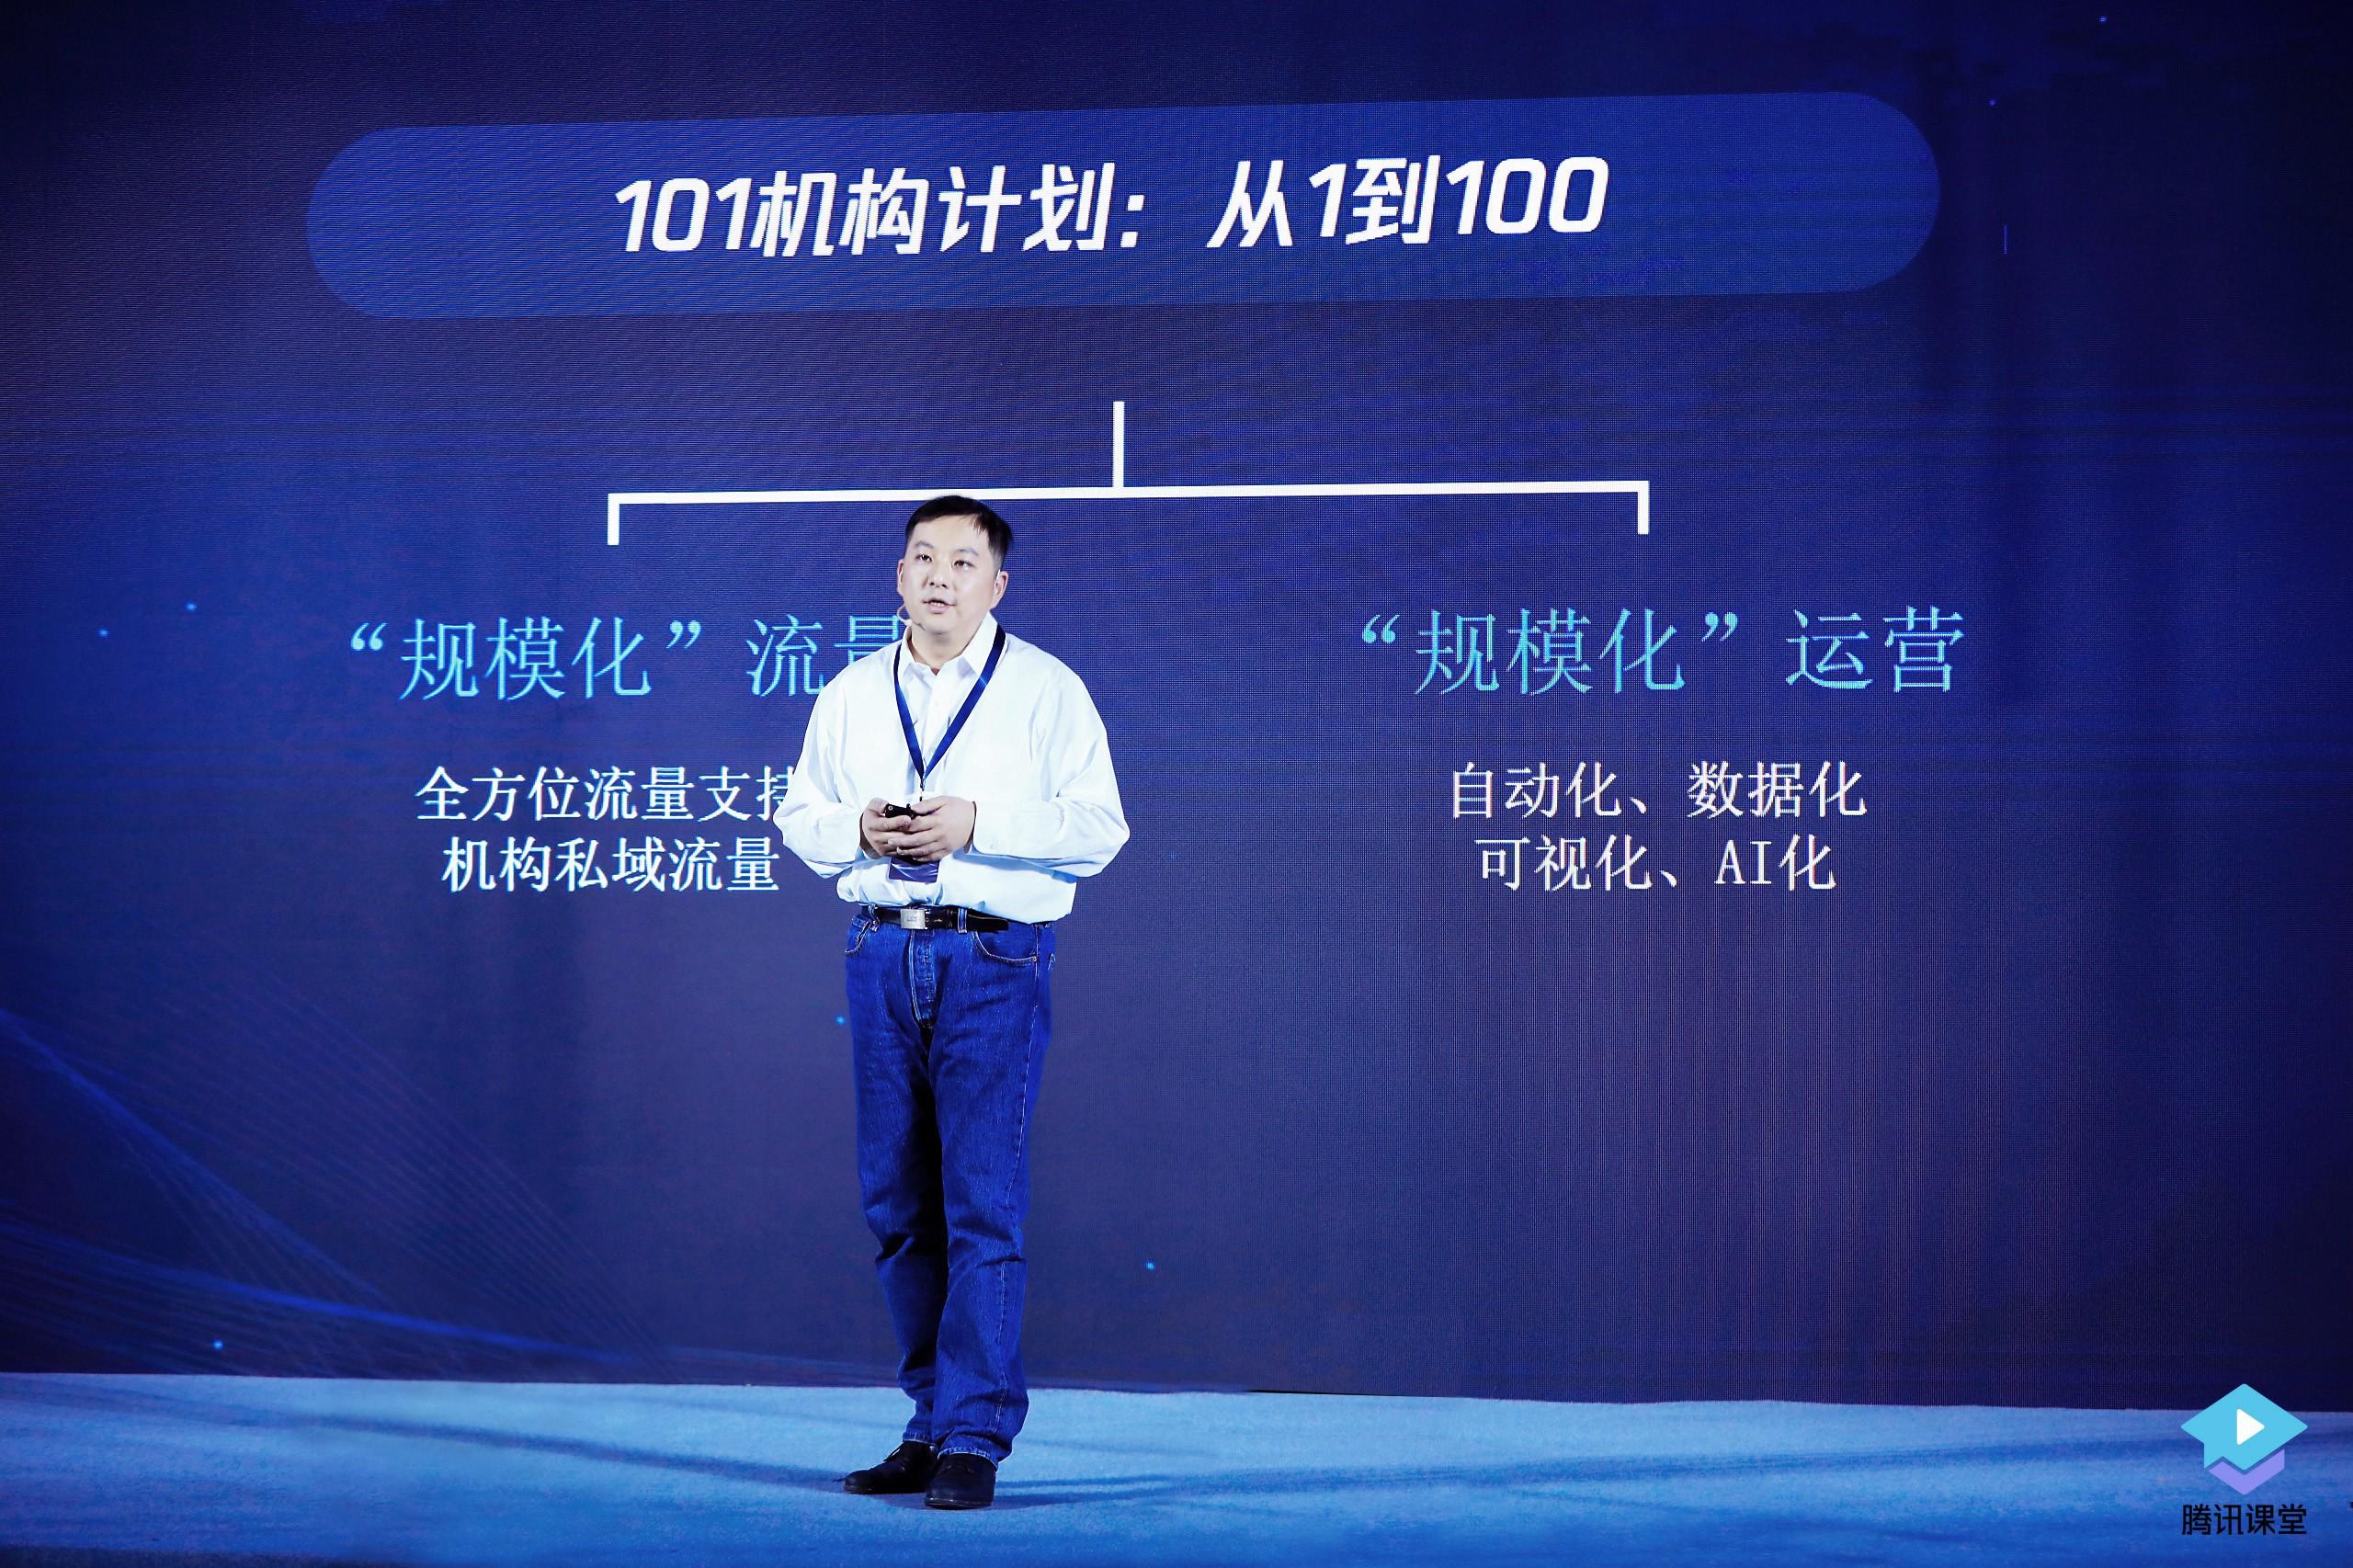 腾讯课堂打造教育机构梦工厂 2019年TOP100机构年营收增长62%